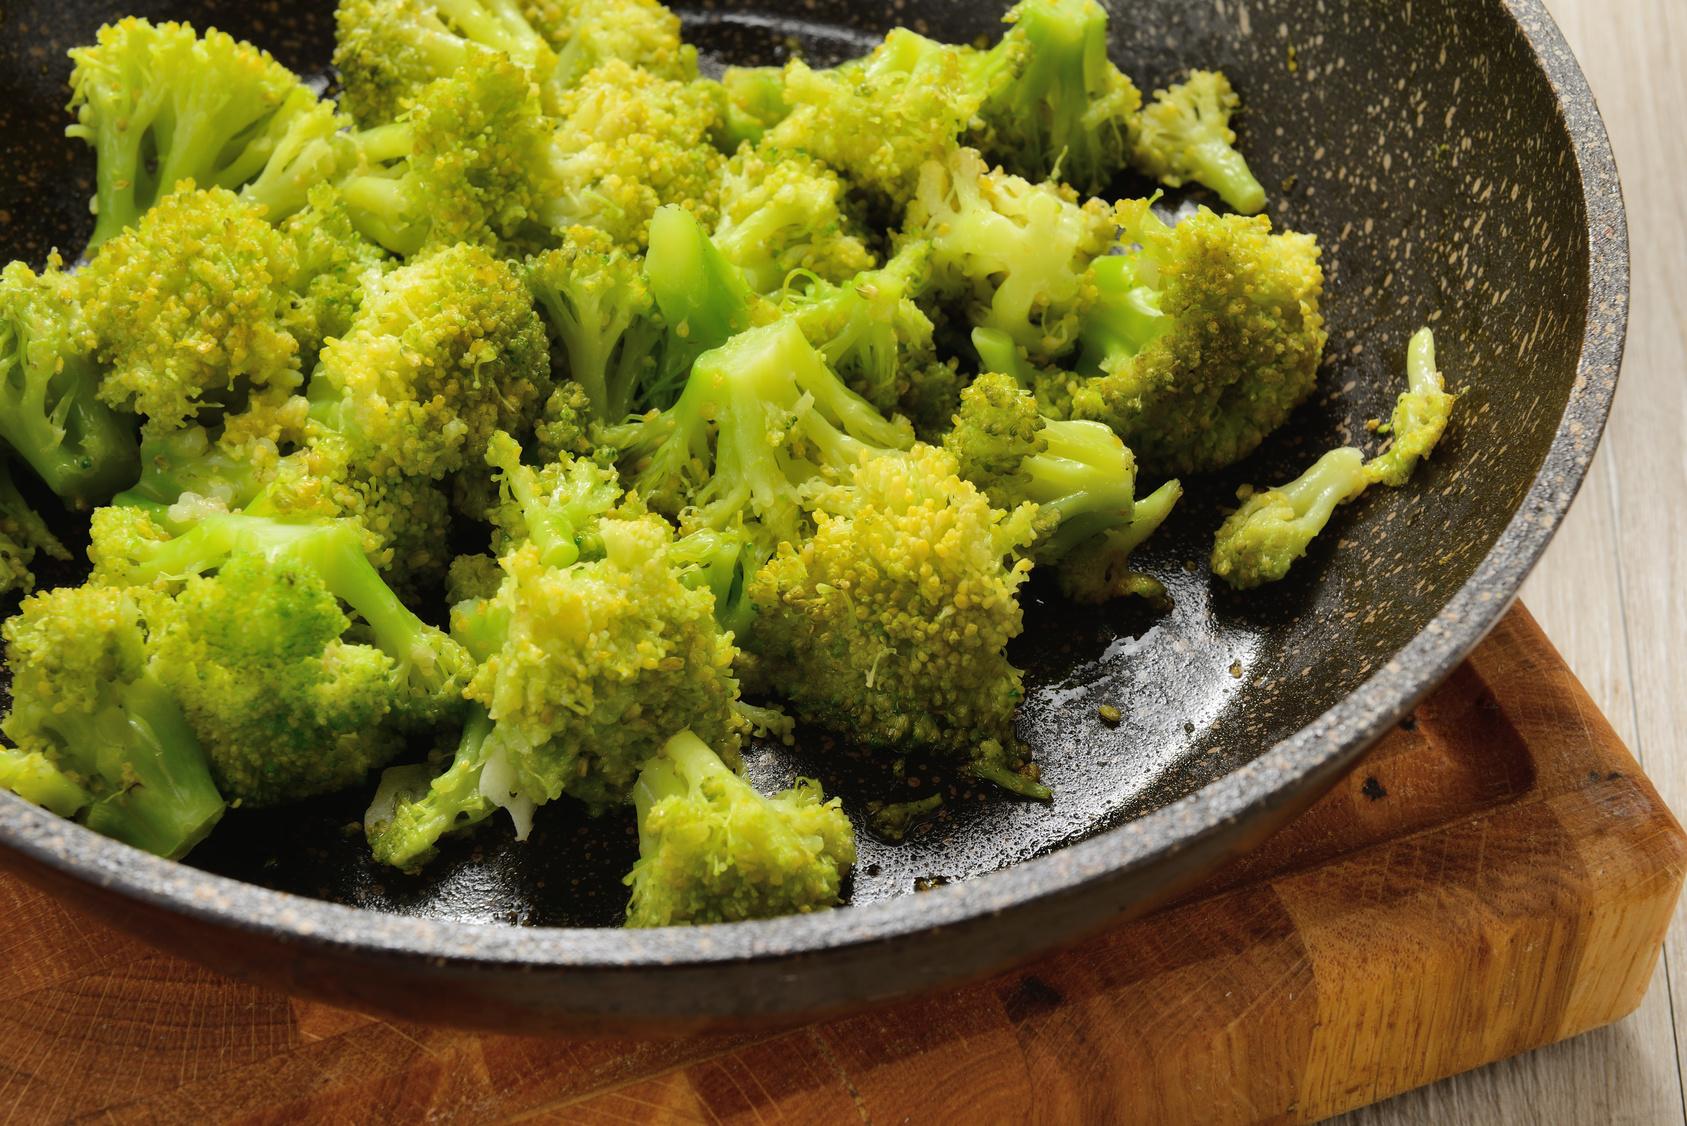 R brocoli sofrito